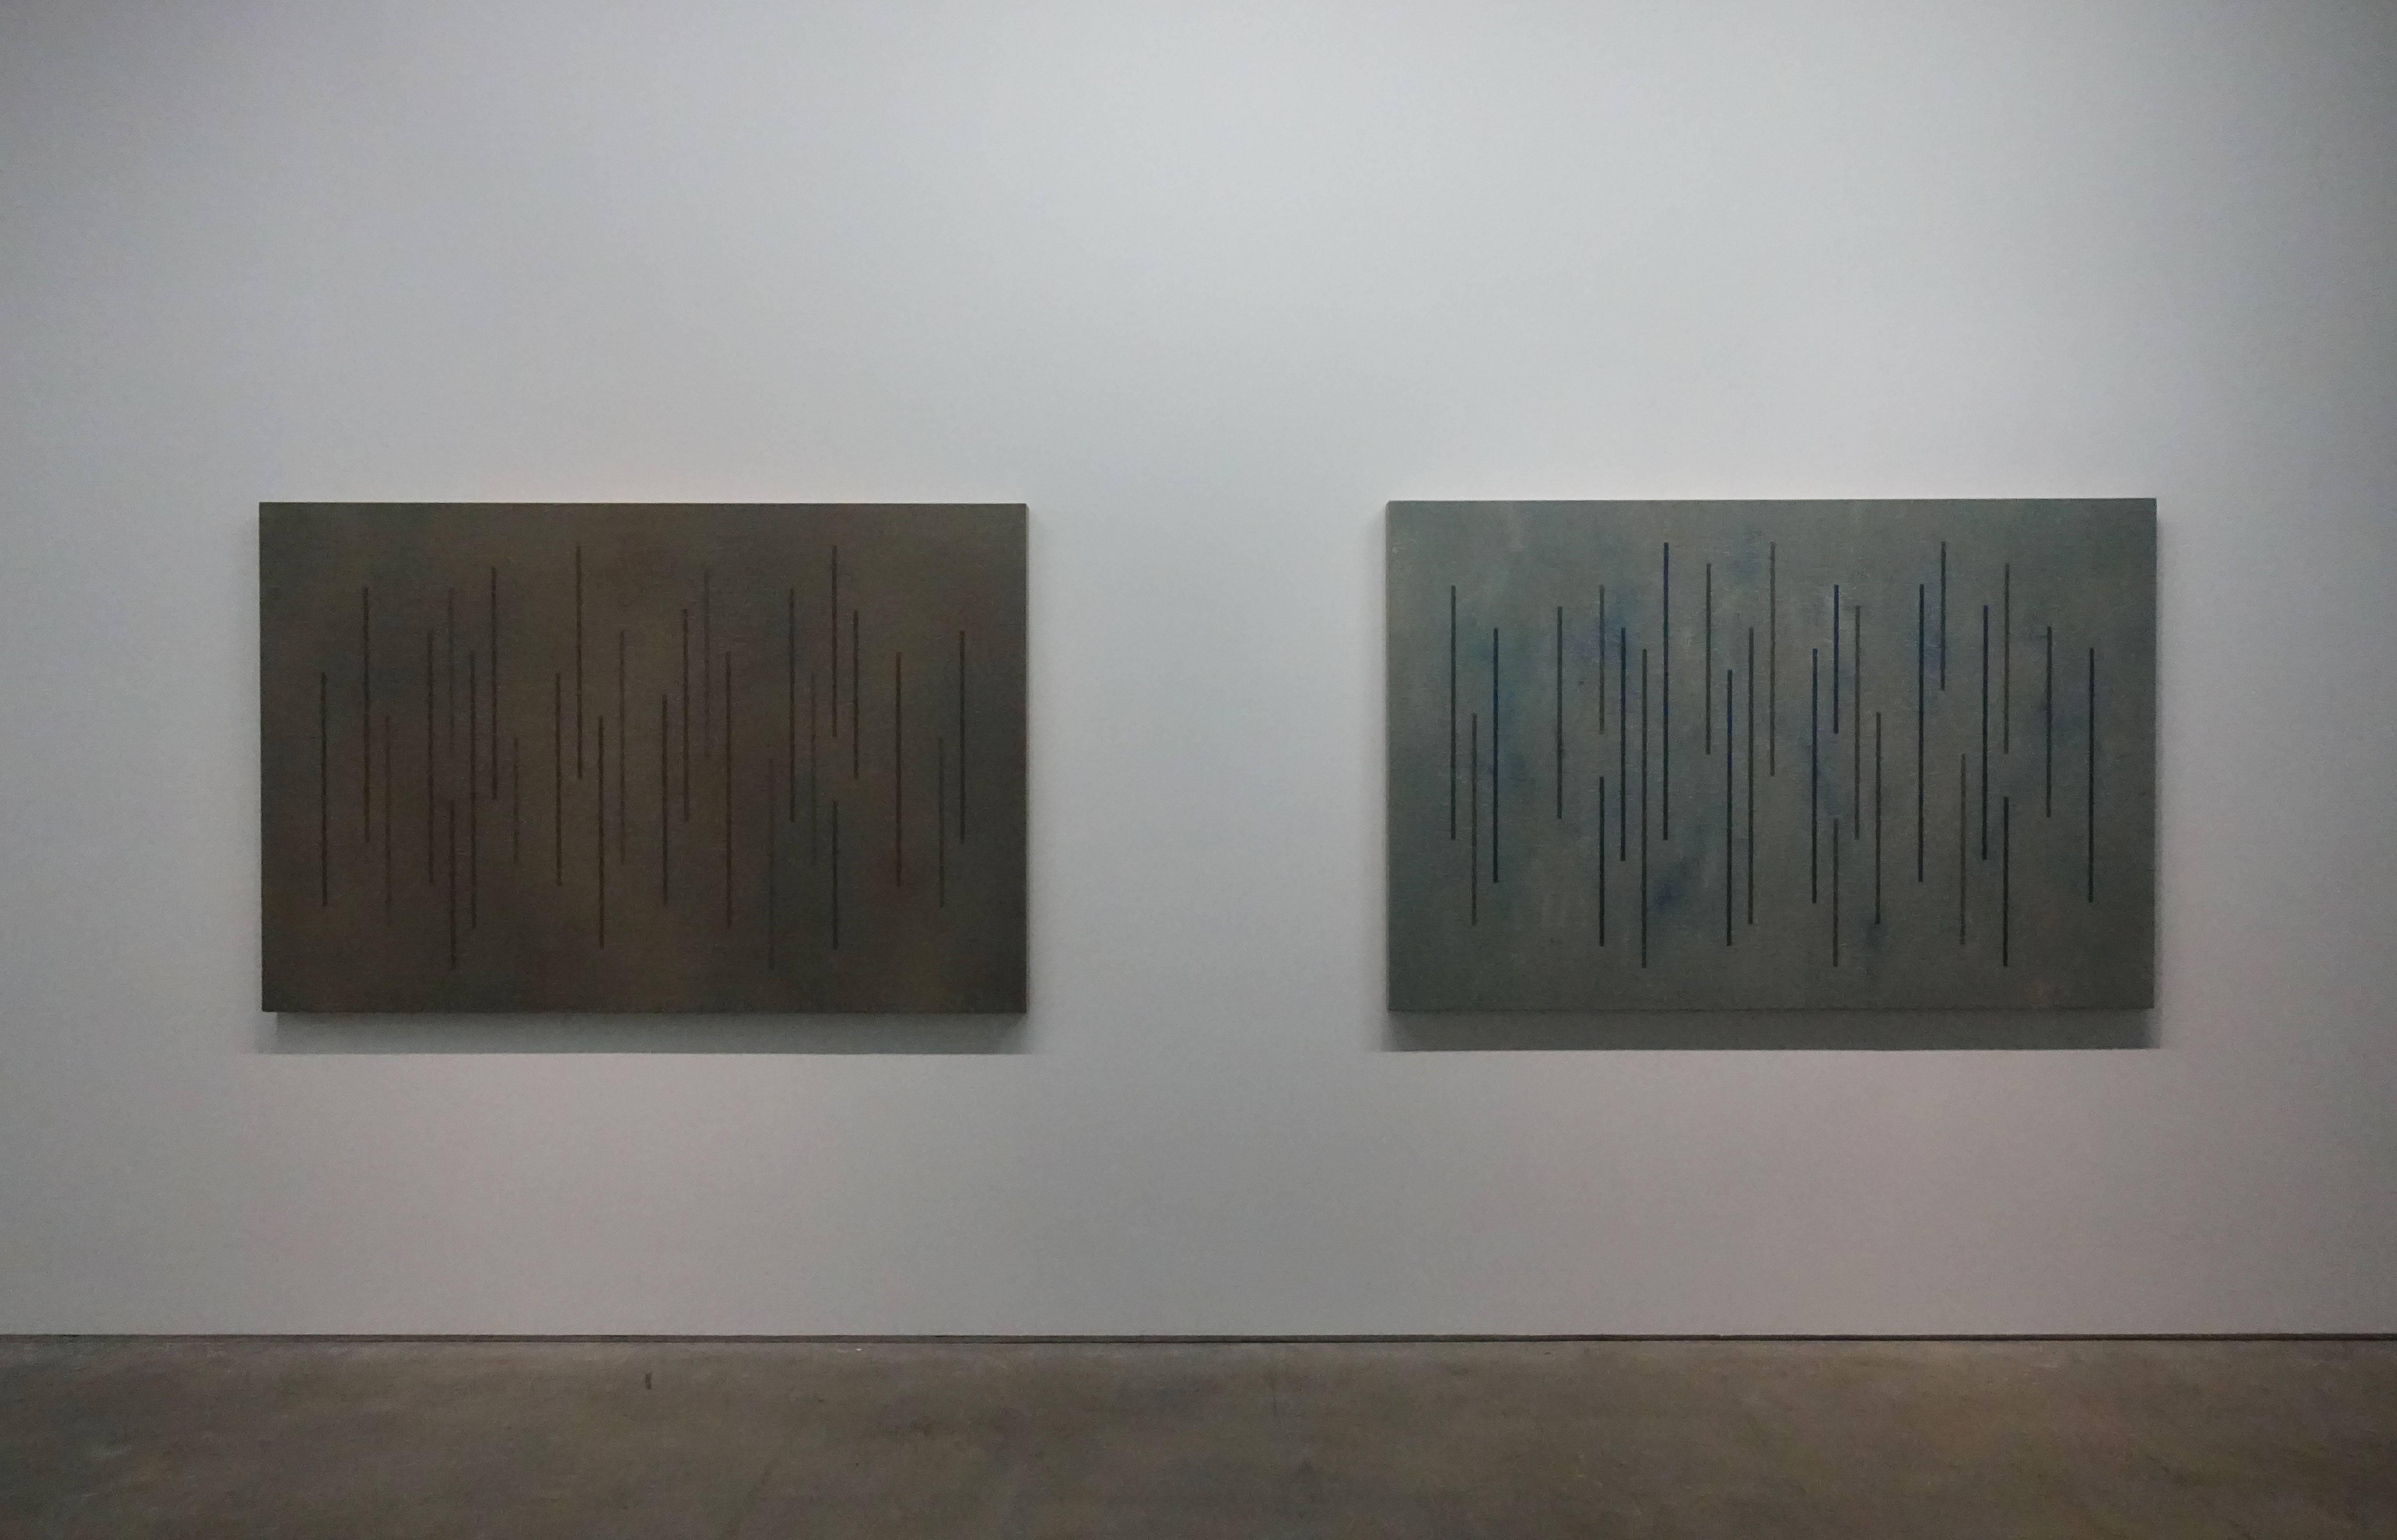 吳東龍,《Color Lines》系列作品,2018,120x180cm,油彩畫布版。